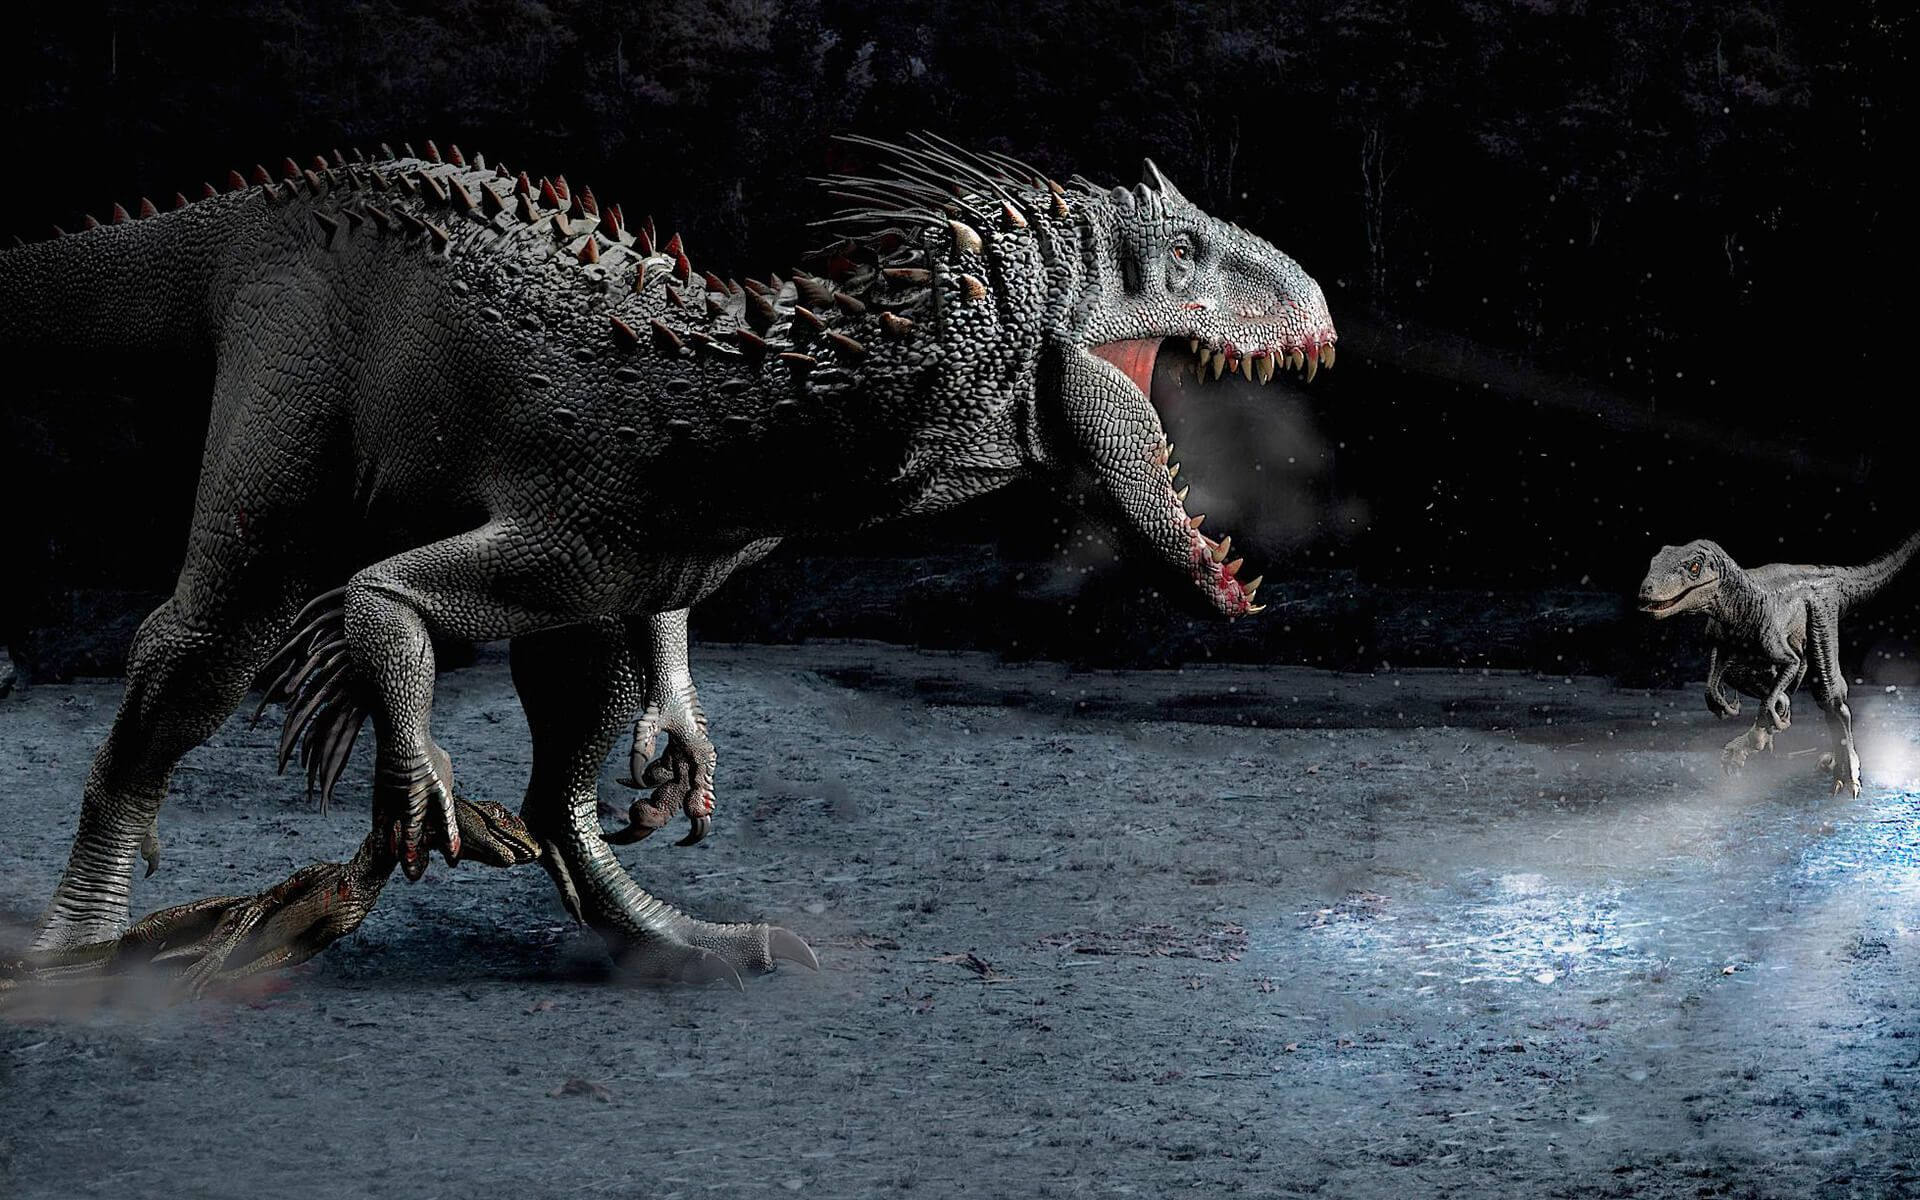 Indominus Rex 2015 Jurassic World Vs Raptors Squad Fondo De Pantalla Dinosaurios Jurassic World Dinosaurios Jurassic Park Jurassic World La bbc inmortalizó al utahraptor en su documental caminado con dinosaurios, aquí por cierto aparece sin plumas. indominus rex 2015 jurassic world vs